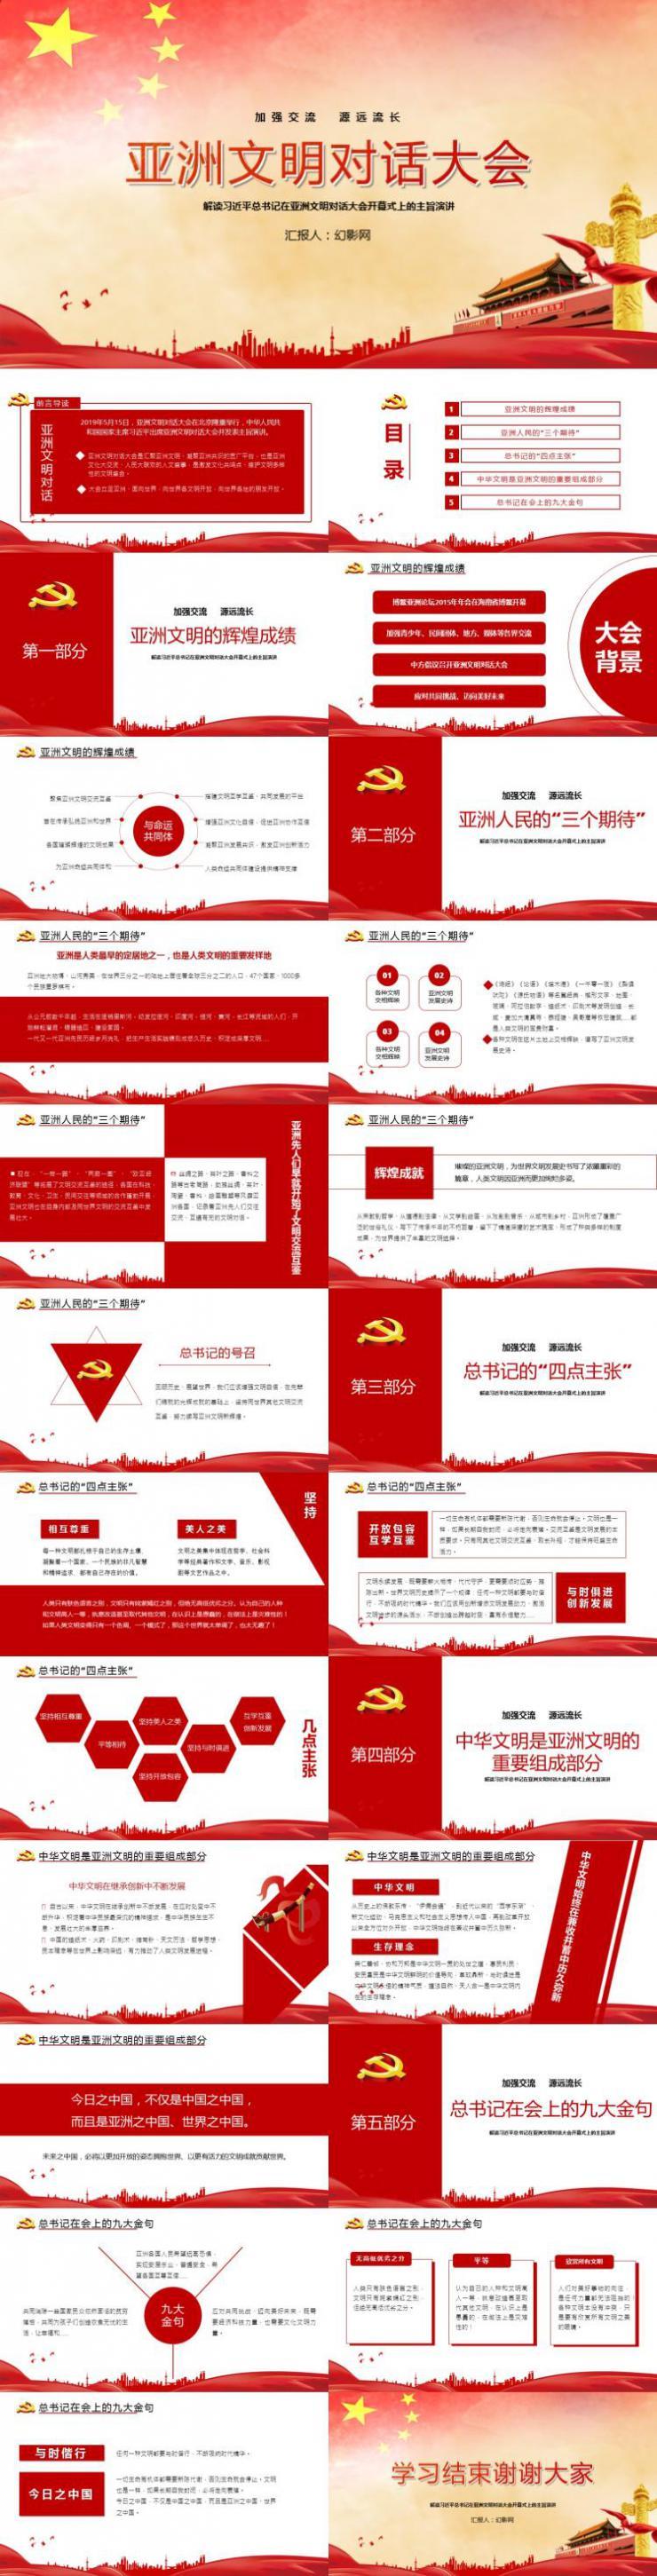 解析习近平在亚洲文明对话大会的演讲PPT模板下载